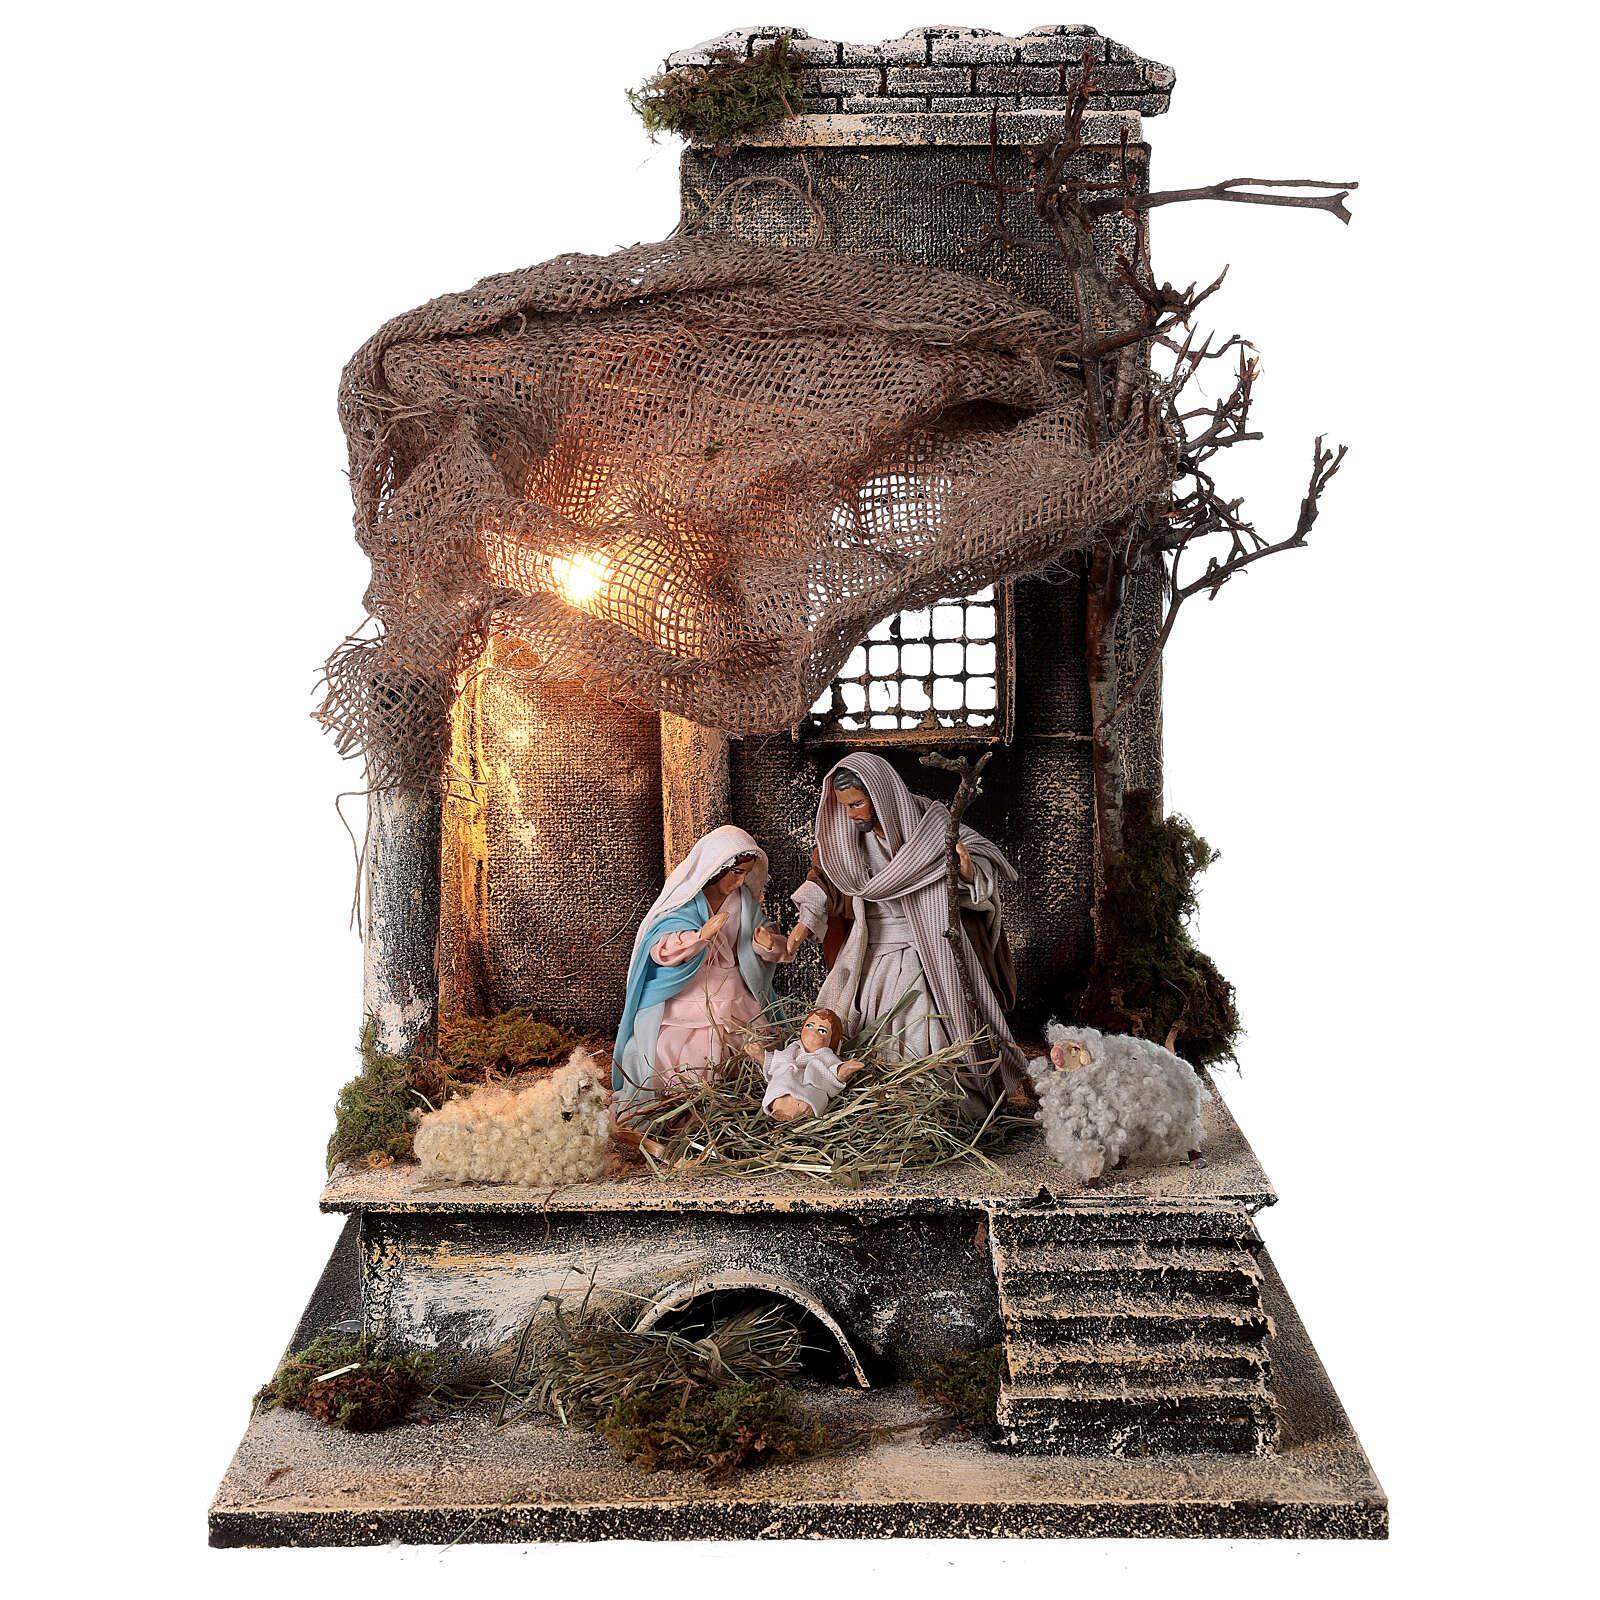 Capanna Natività statue 12 cm tetto iuta presepe napoletano 30x30x35 cm 4